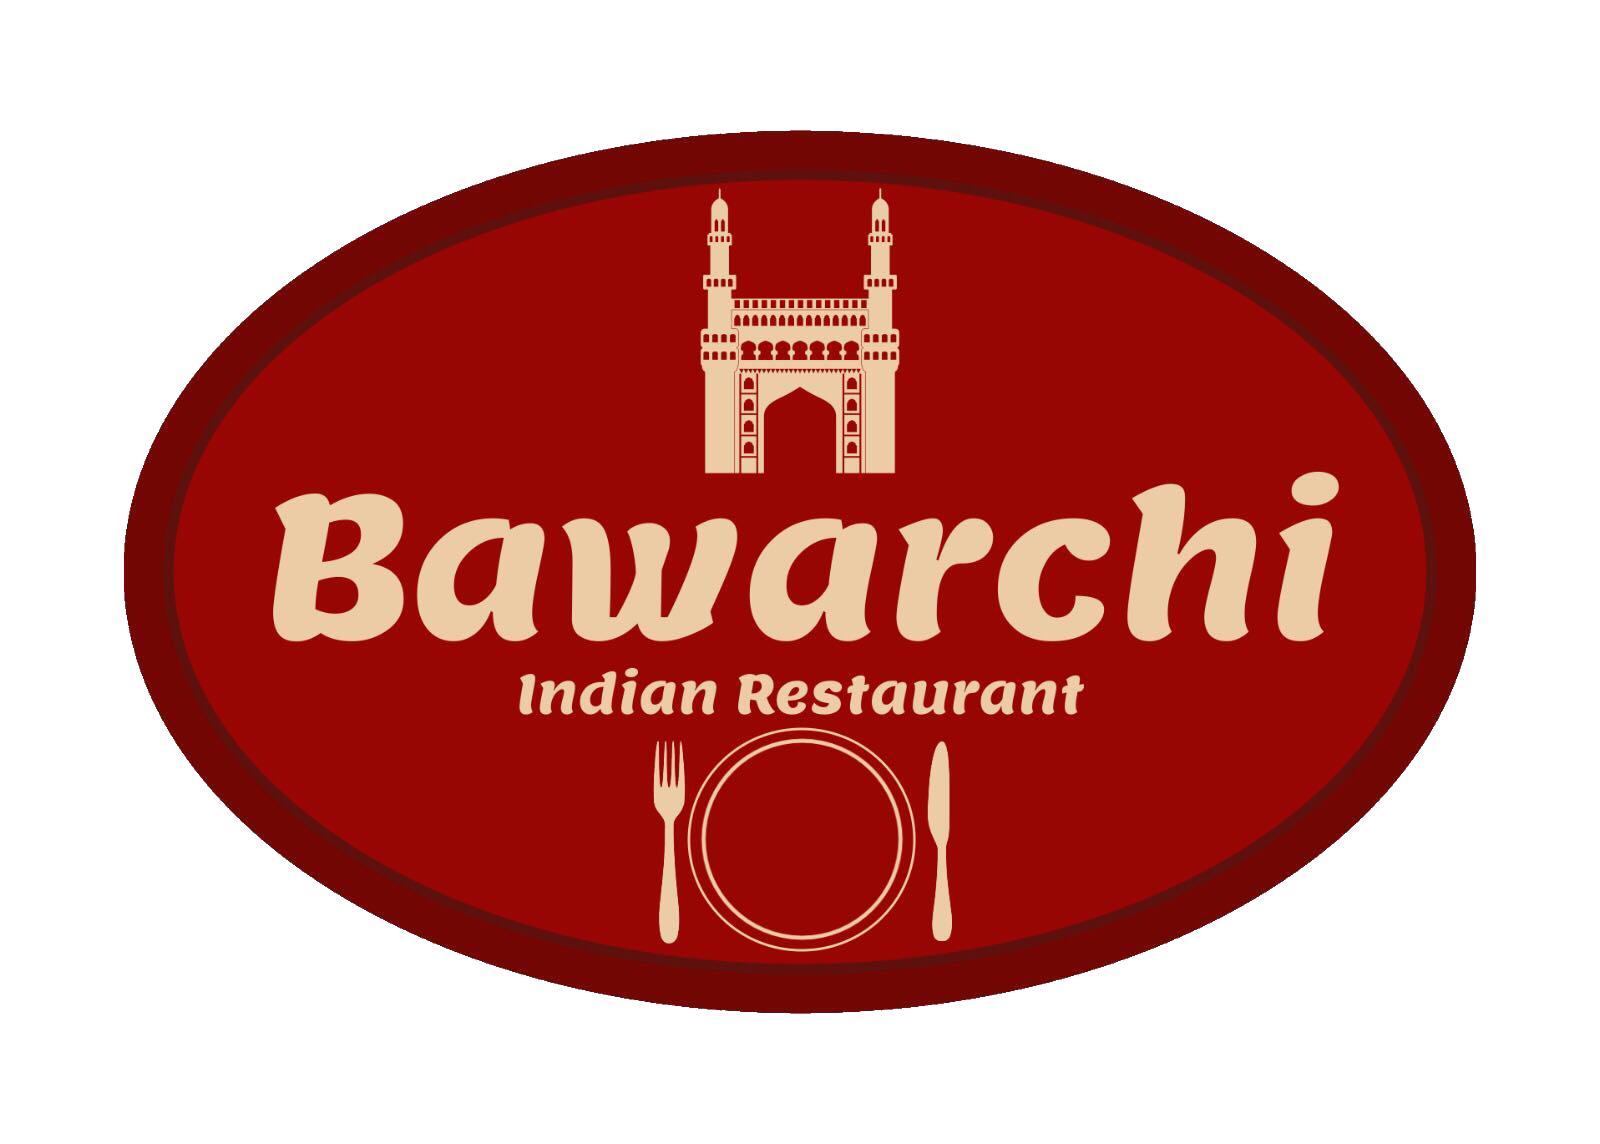 Bawarchi-Indian restaurant